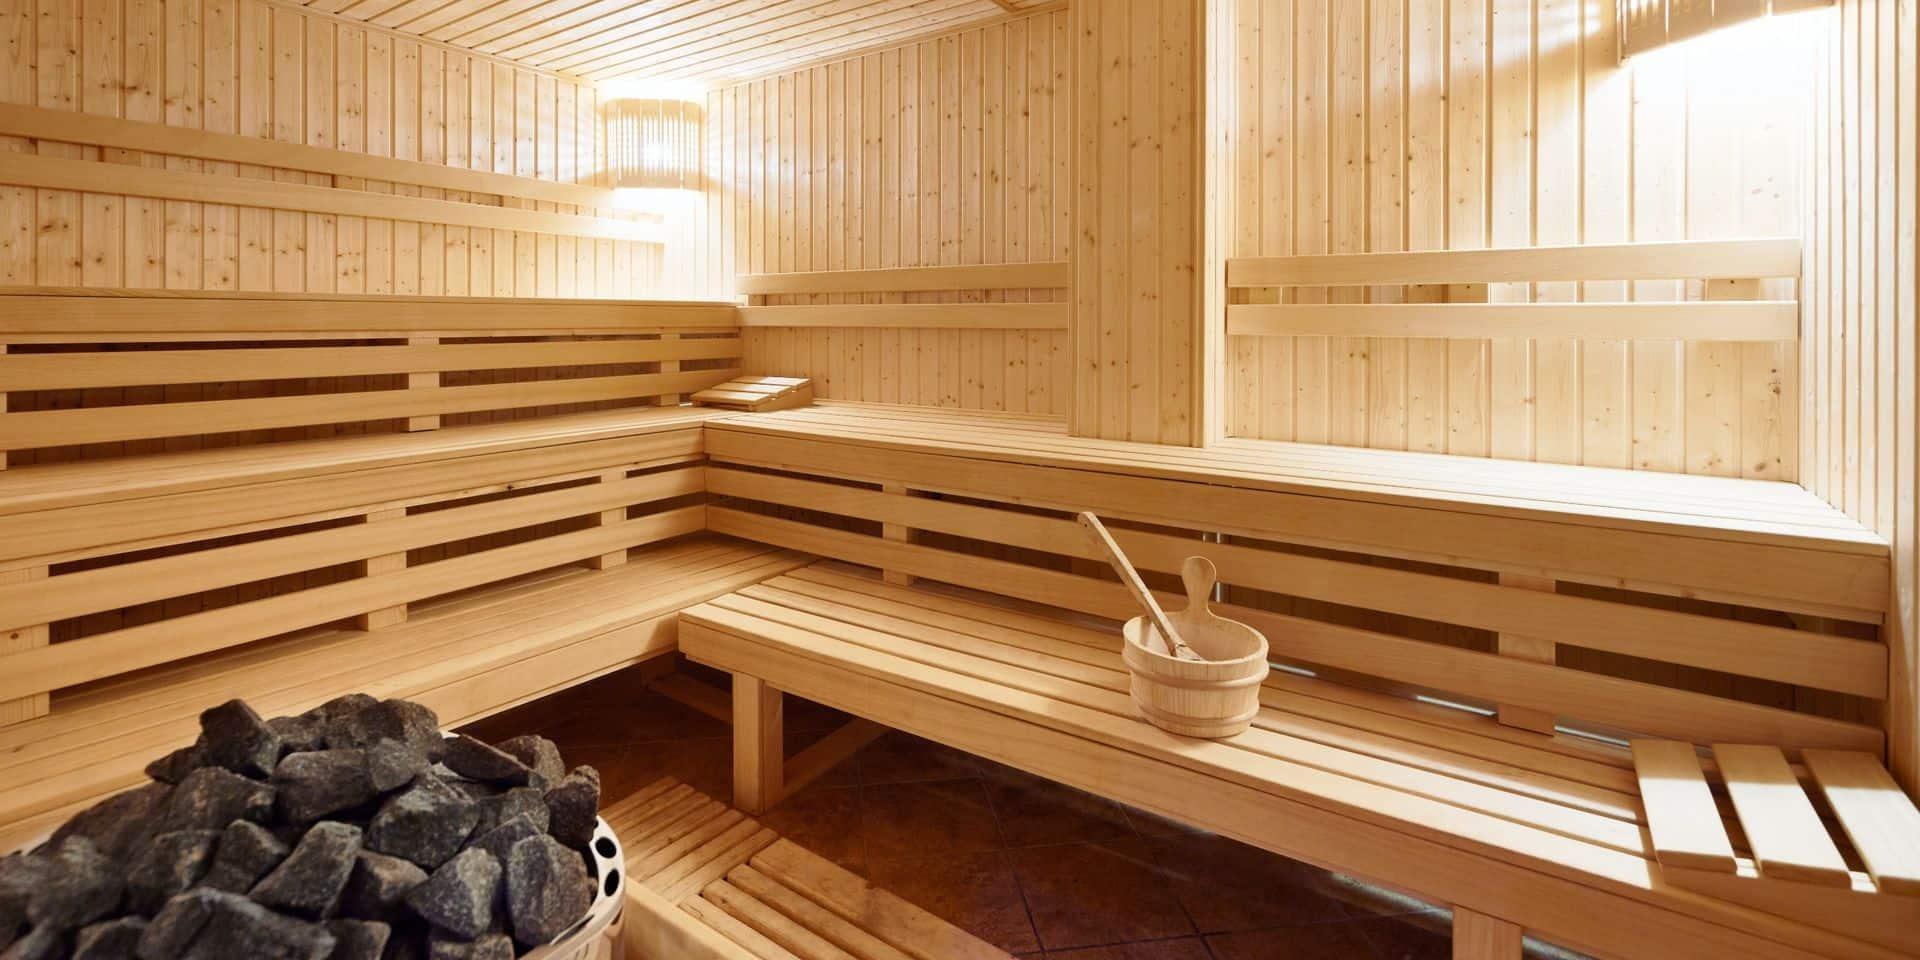 Des exploitants de saunas privés mettent les autorités fédérales en demeure